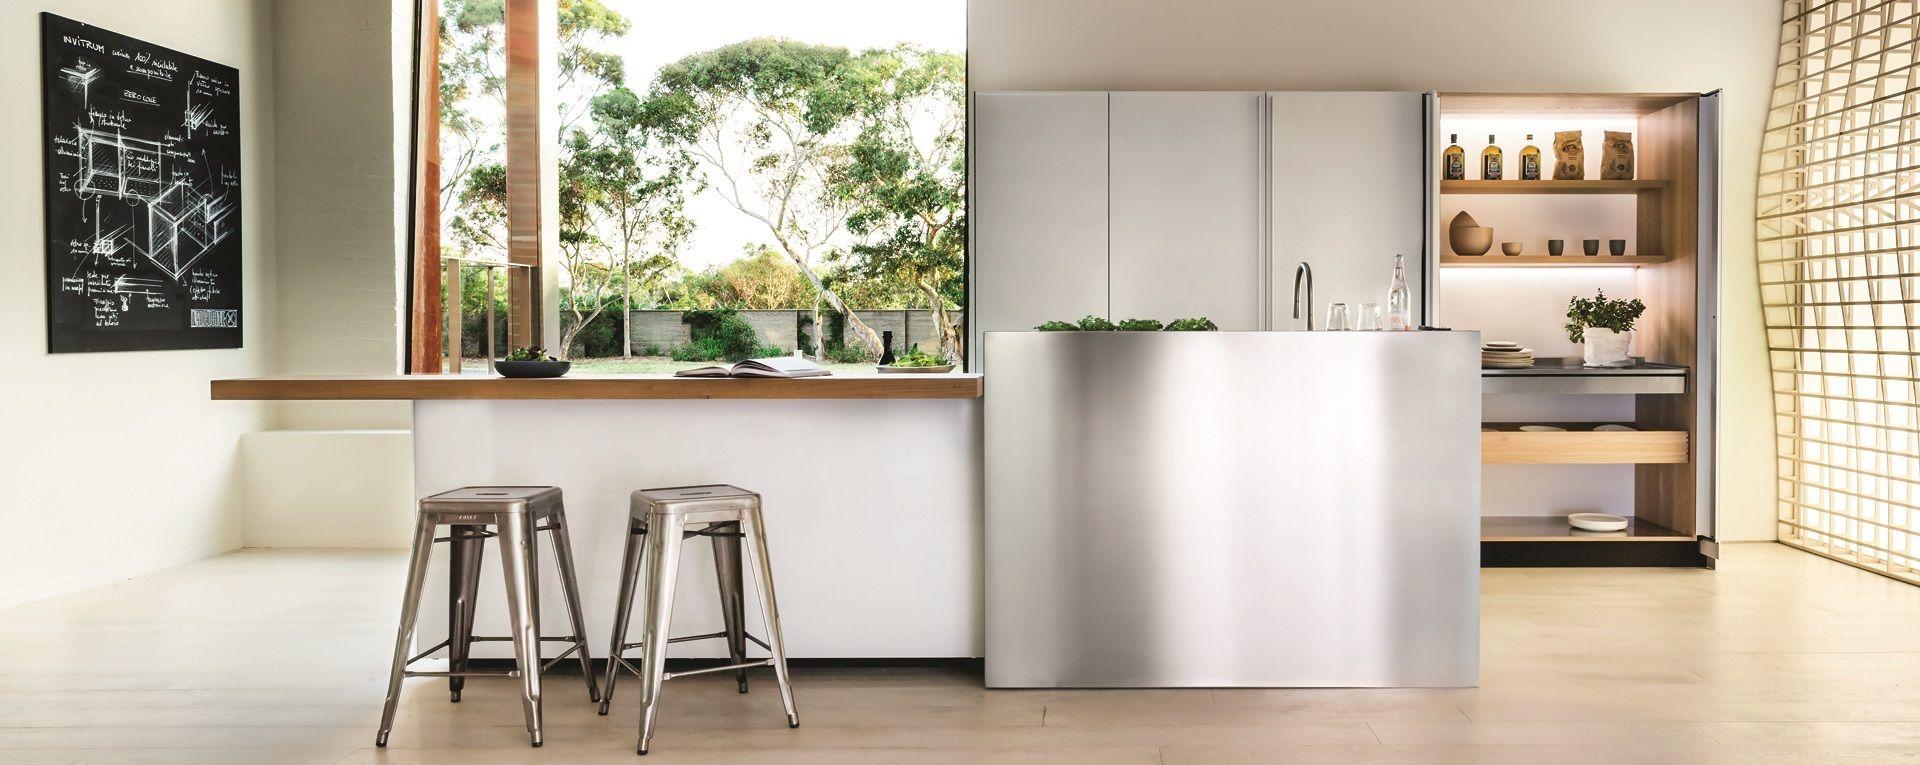 muebles cocina metálicos | Kitchen open concept | Muebles de ...